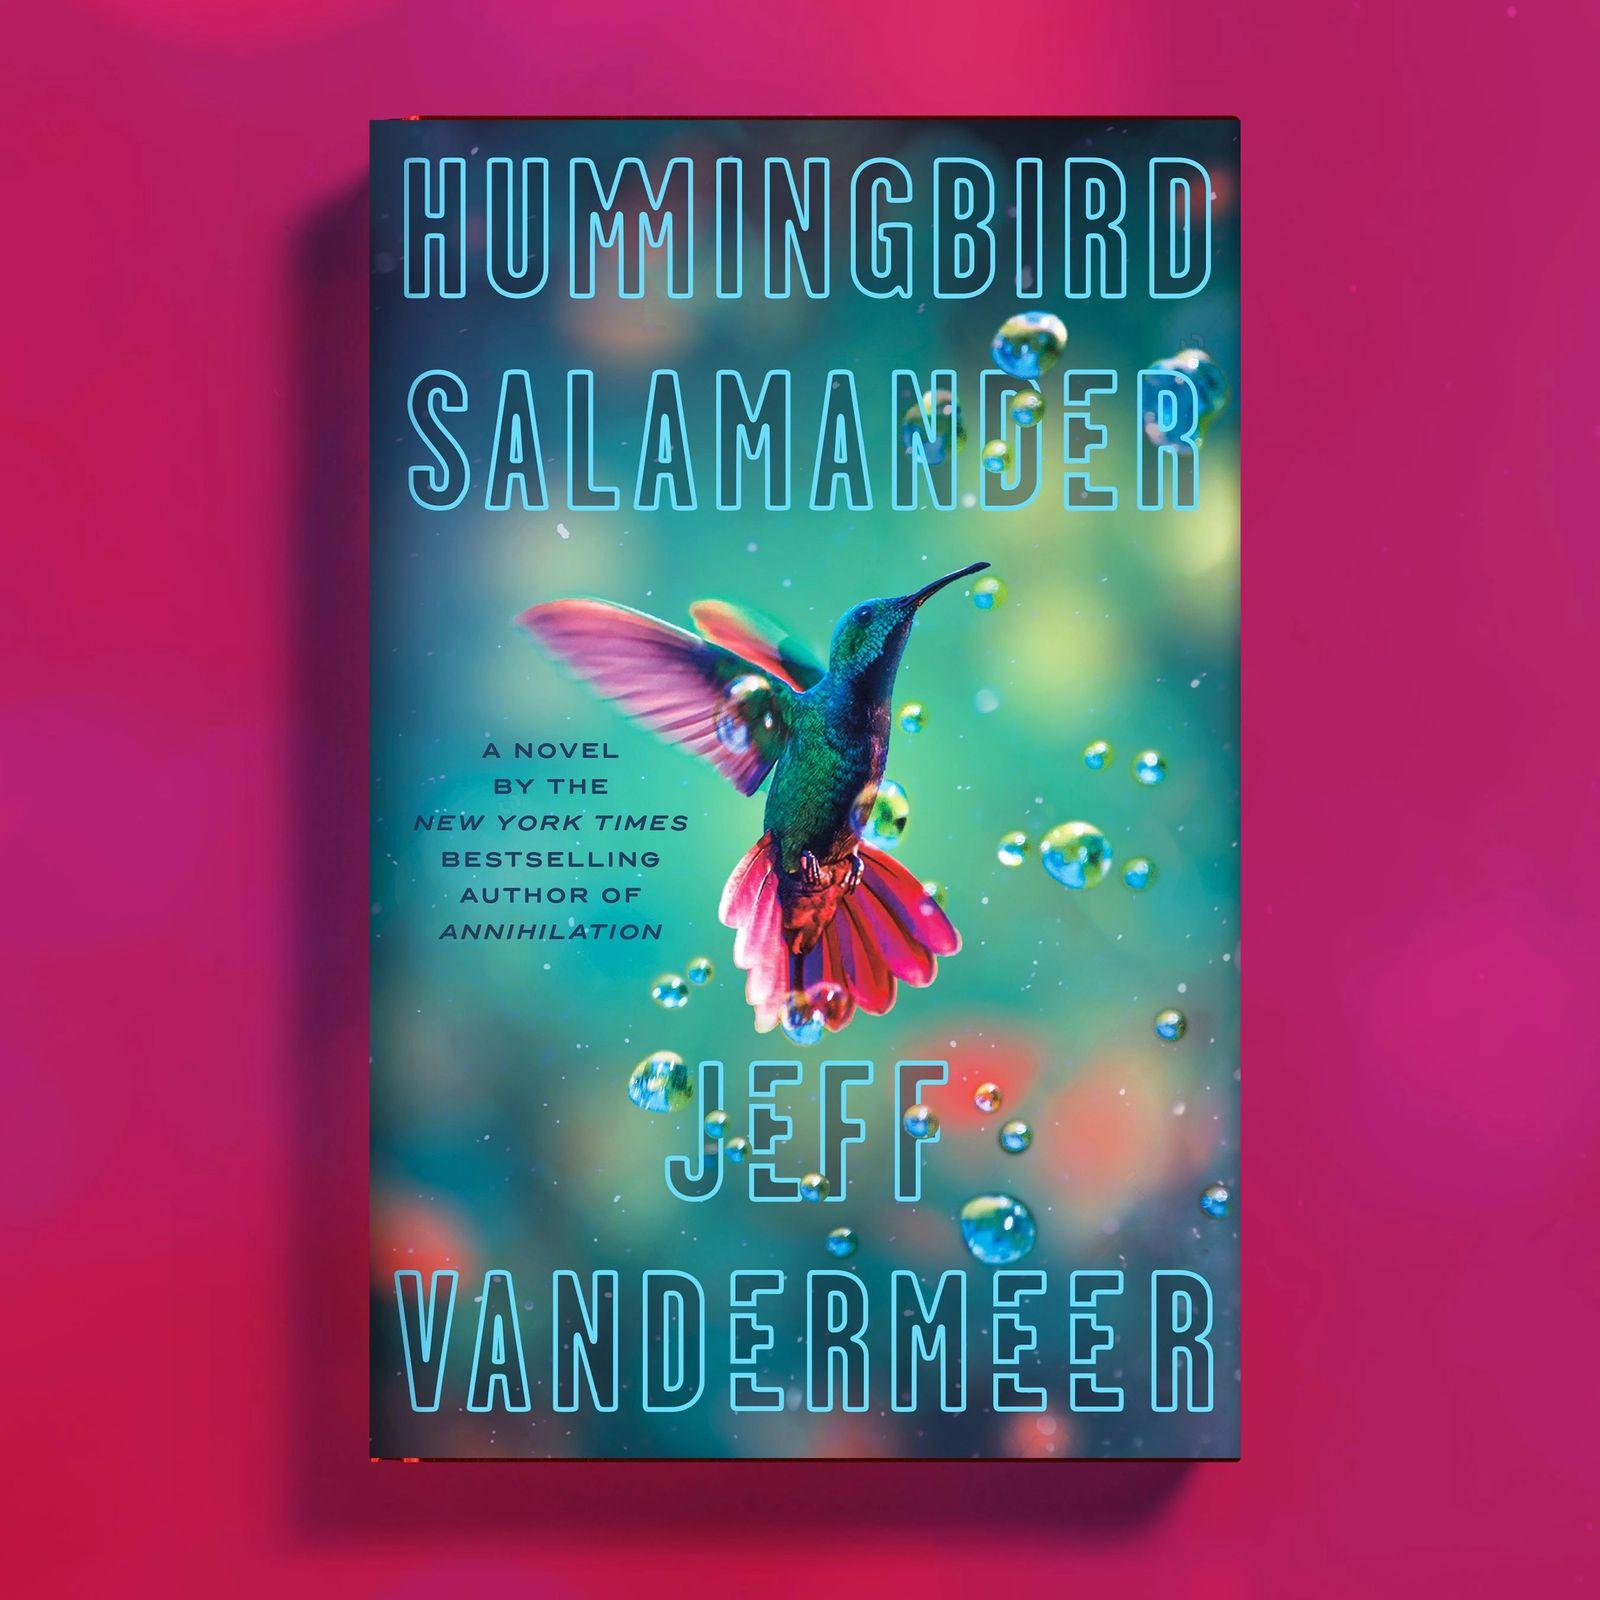 The book cover of Hummingbird Salamander.